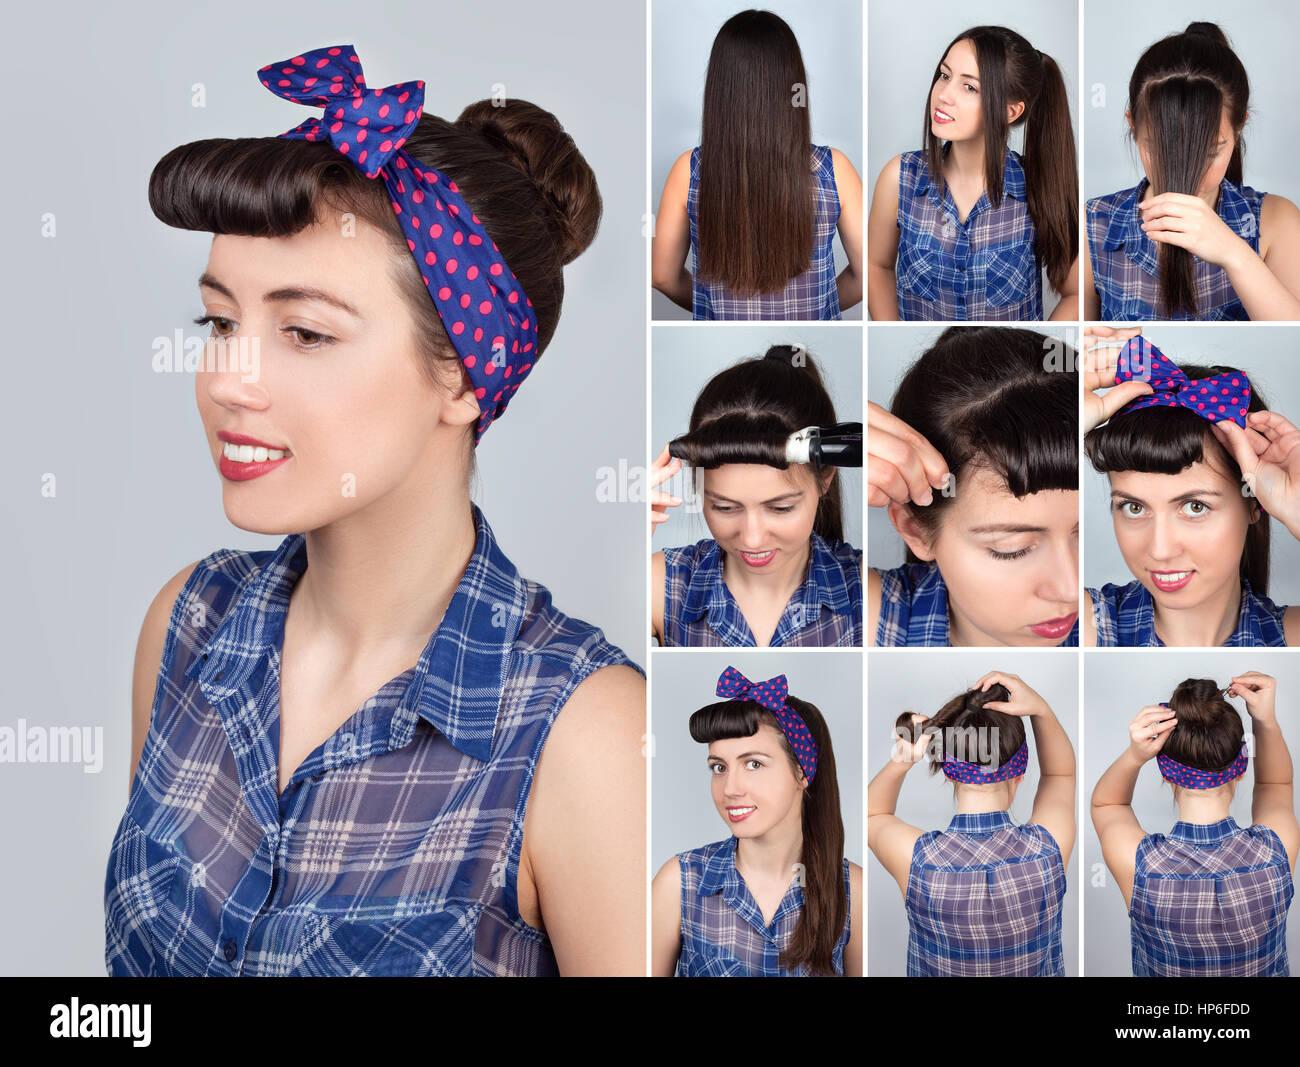 Einfache Frisur Dutt Tutorial Für Die Frau Frisur Für Lange Haare